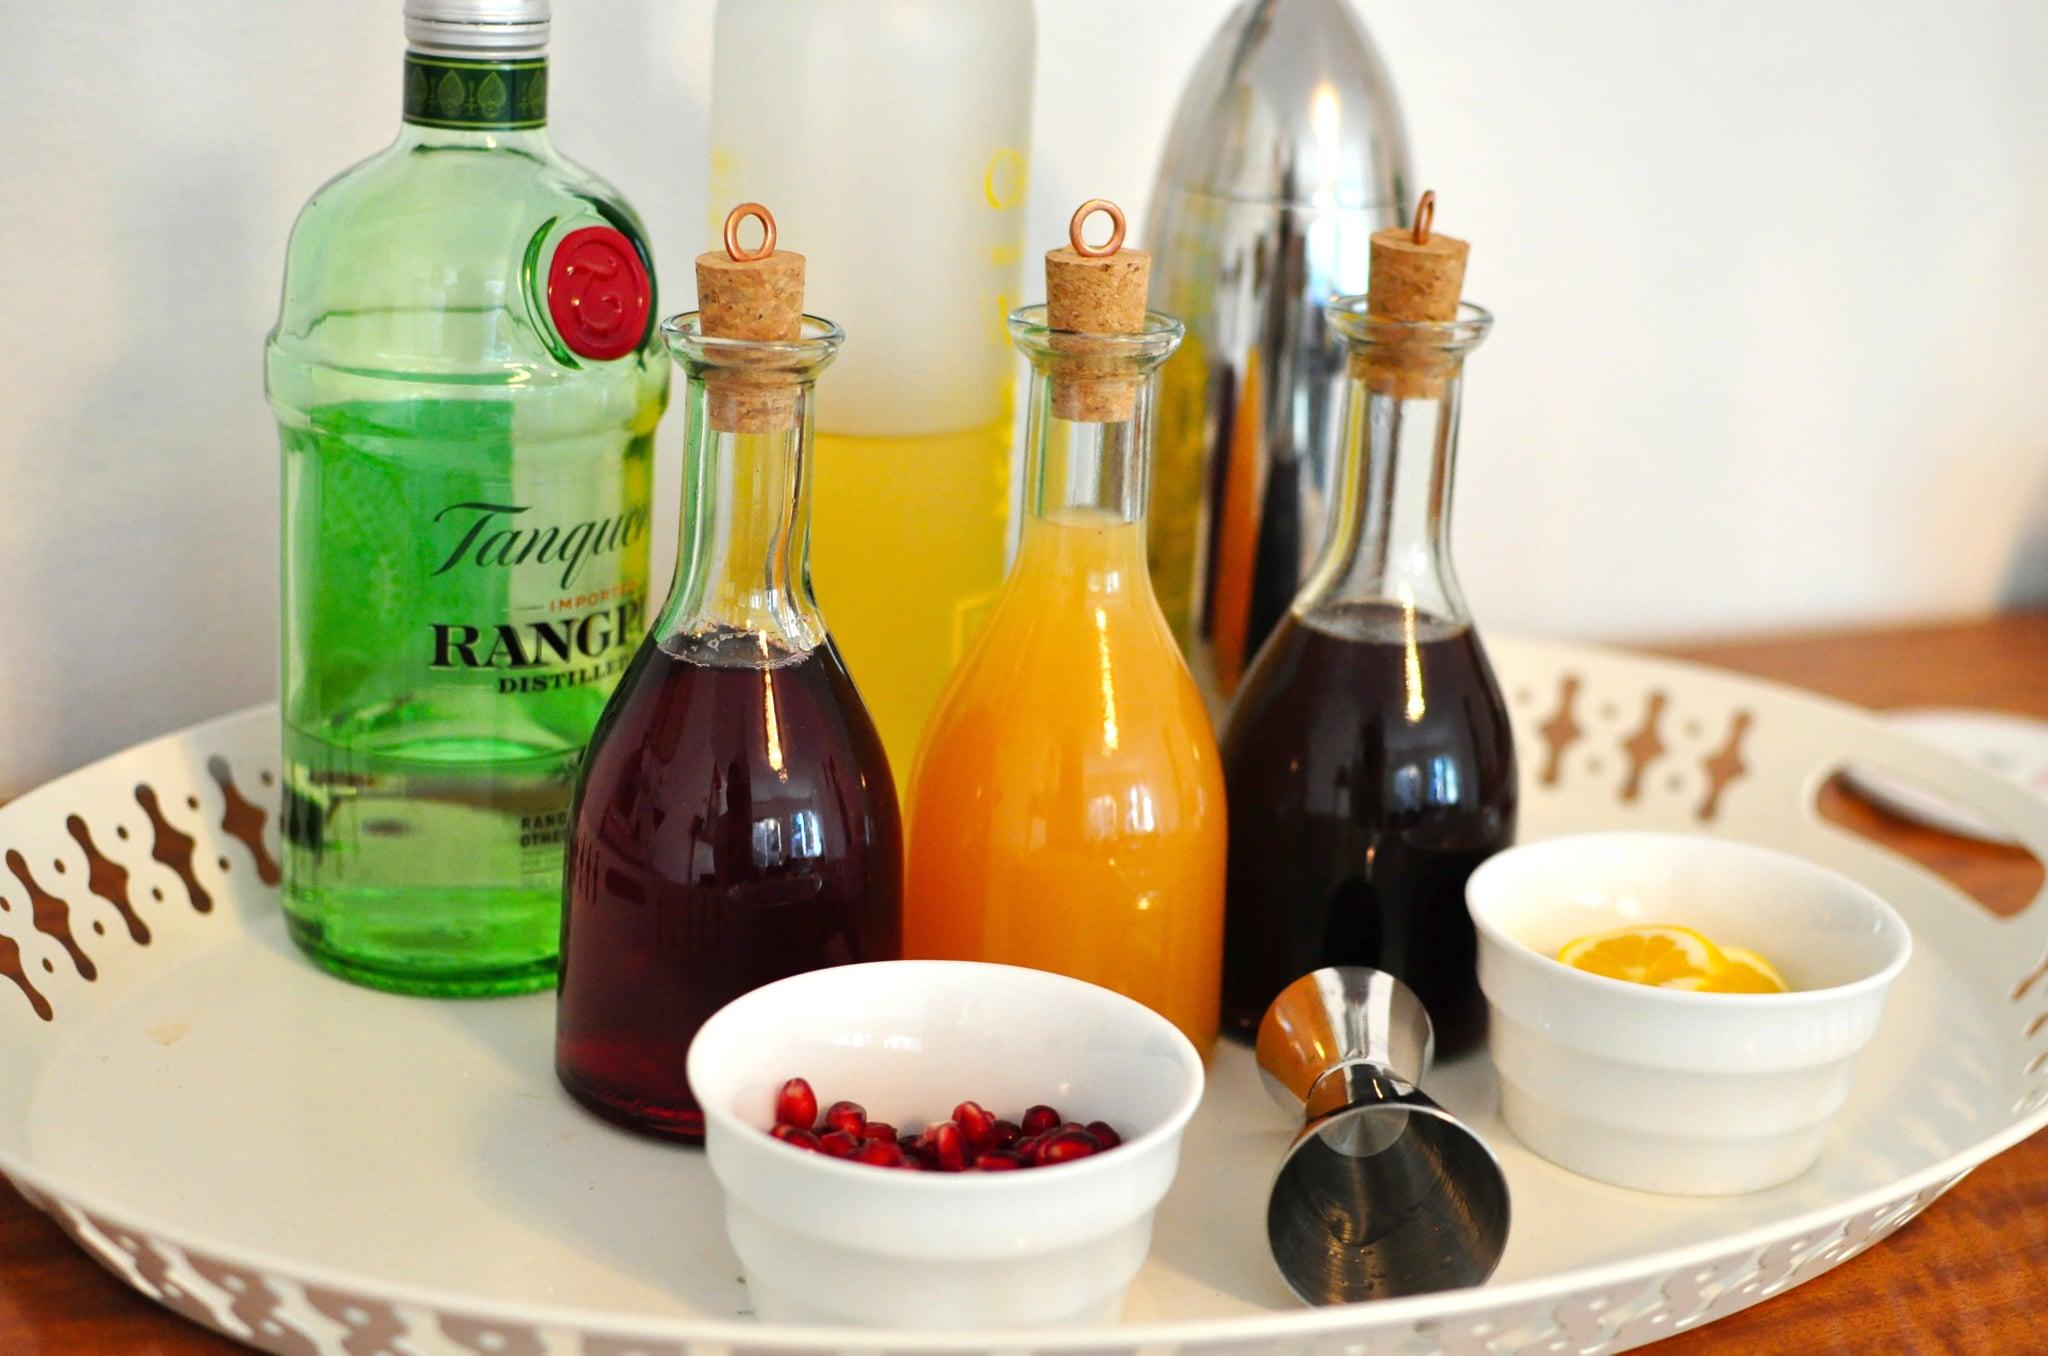 Pomegranate Citrus, Grapefruit Basil, and Cranberry Mint Champagne Cocktails